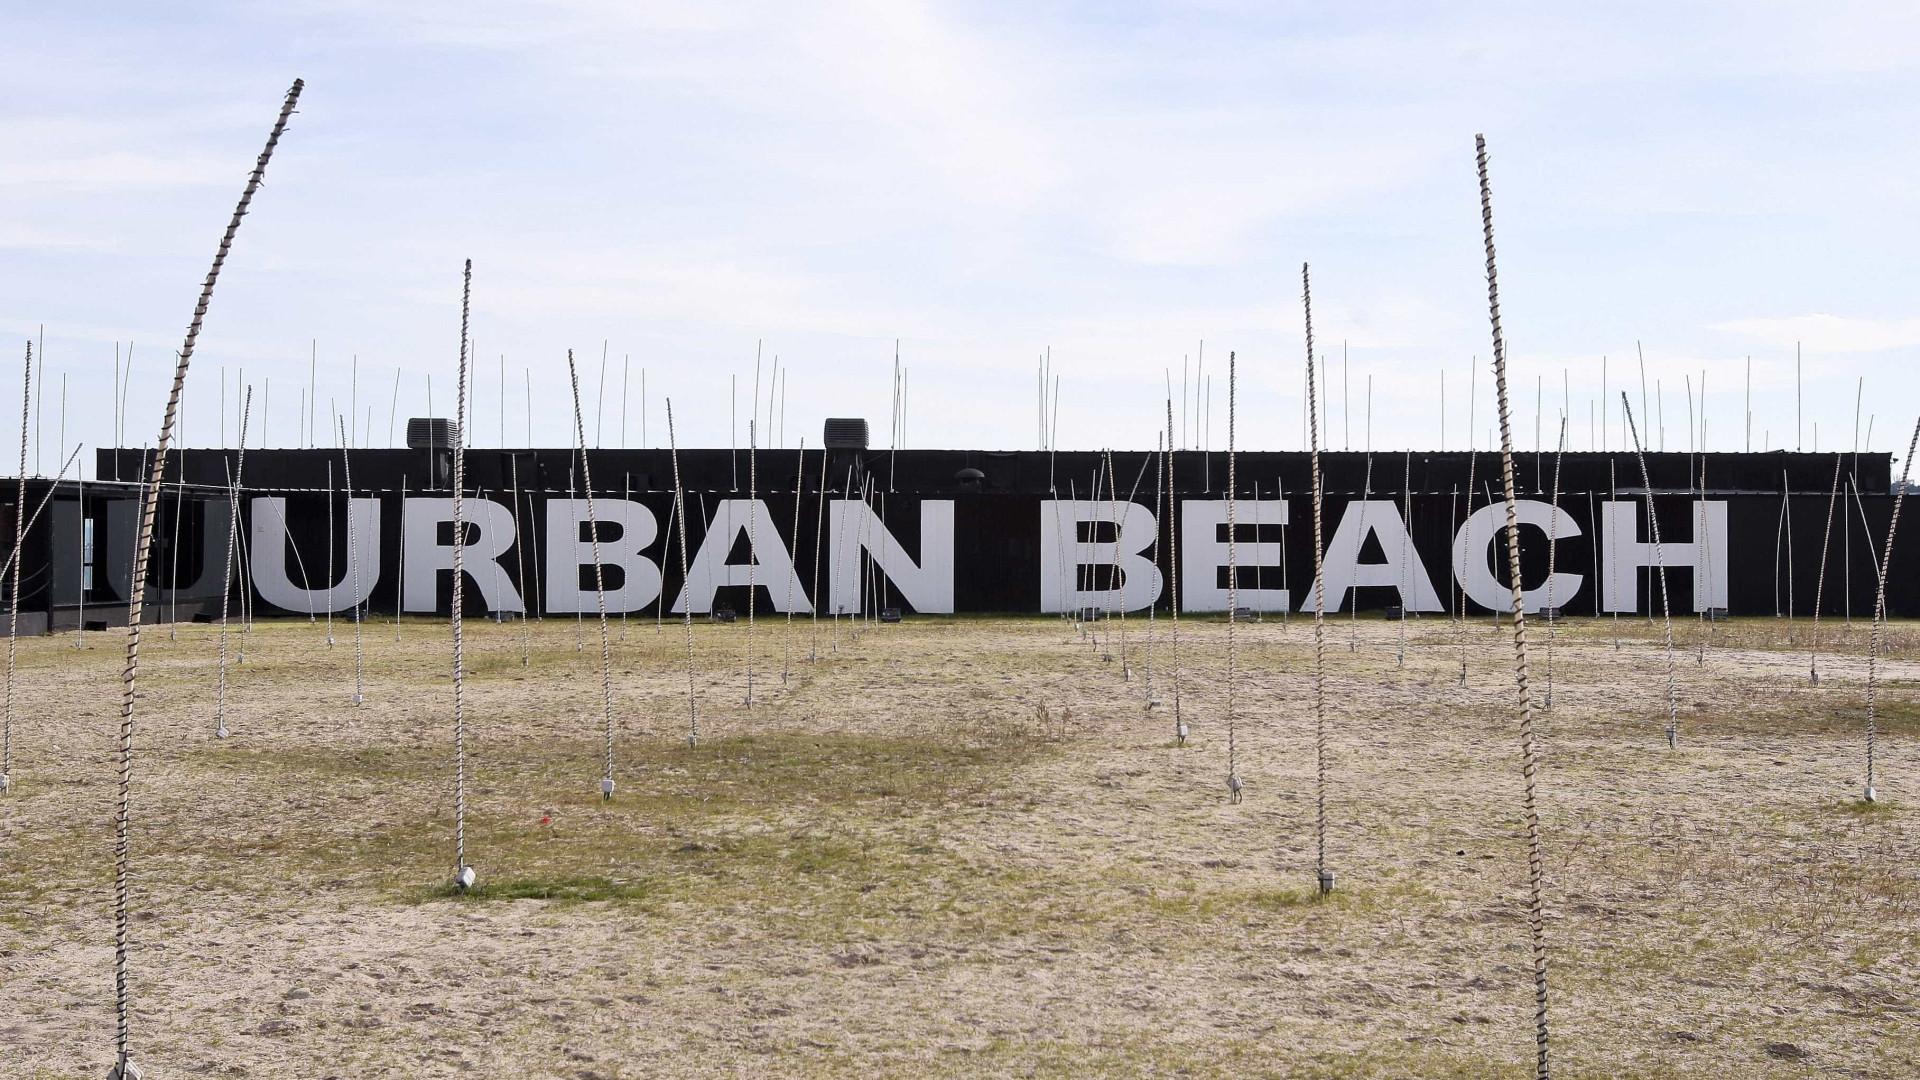 Urban Beach despede seguranças que agrediram jovem à entrada do estabelecimento